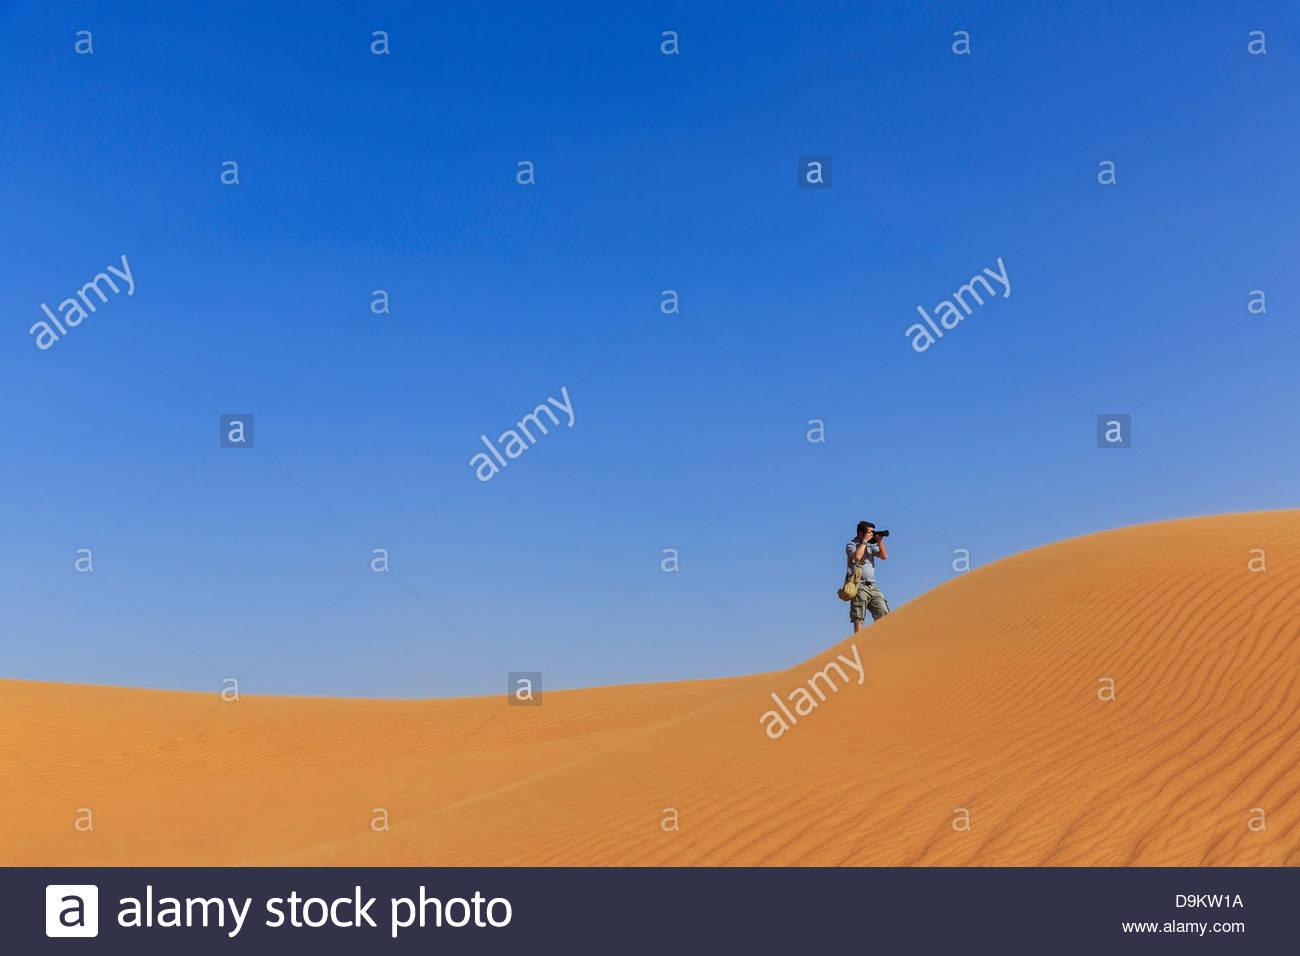 Hombre fotografiando en las dunas de arena en el desierto, Dubai, Emiratos Árabes Unidos. Imagen De Stock